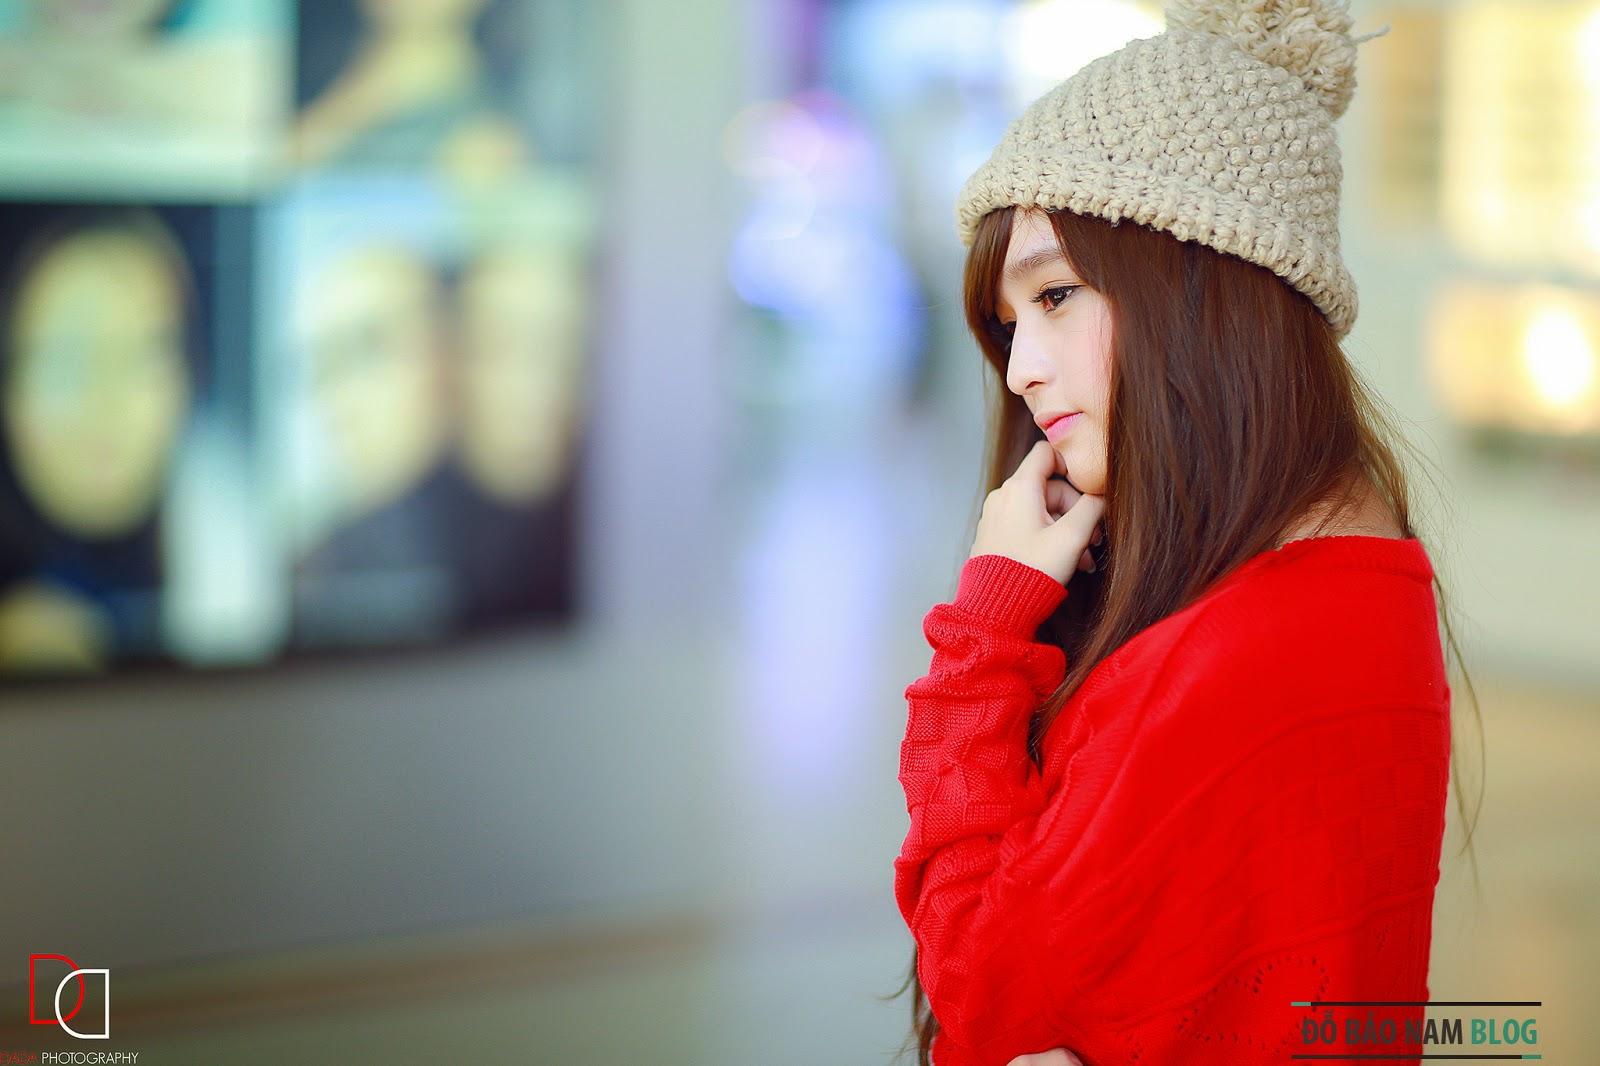 Ảnh đẹp girl xinh mới nhất 2014 được tuyển chọn 15